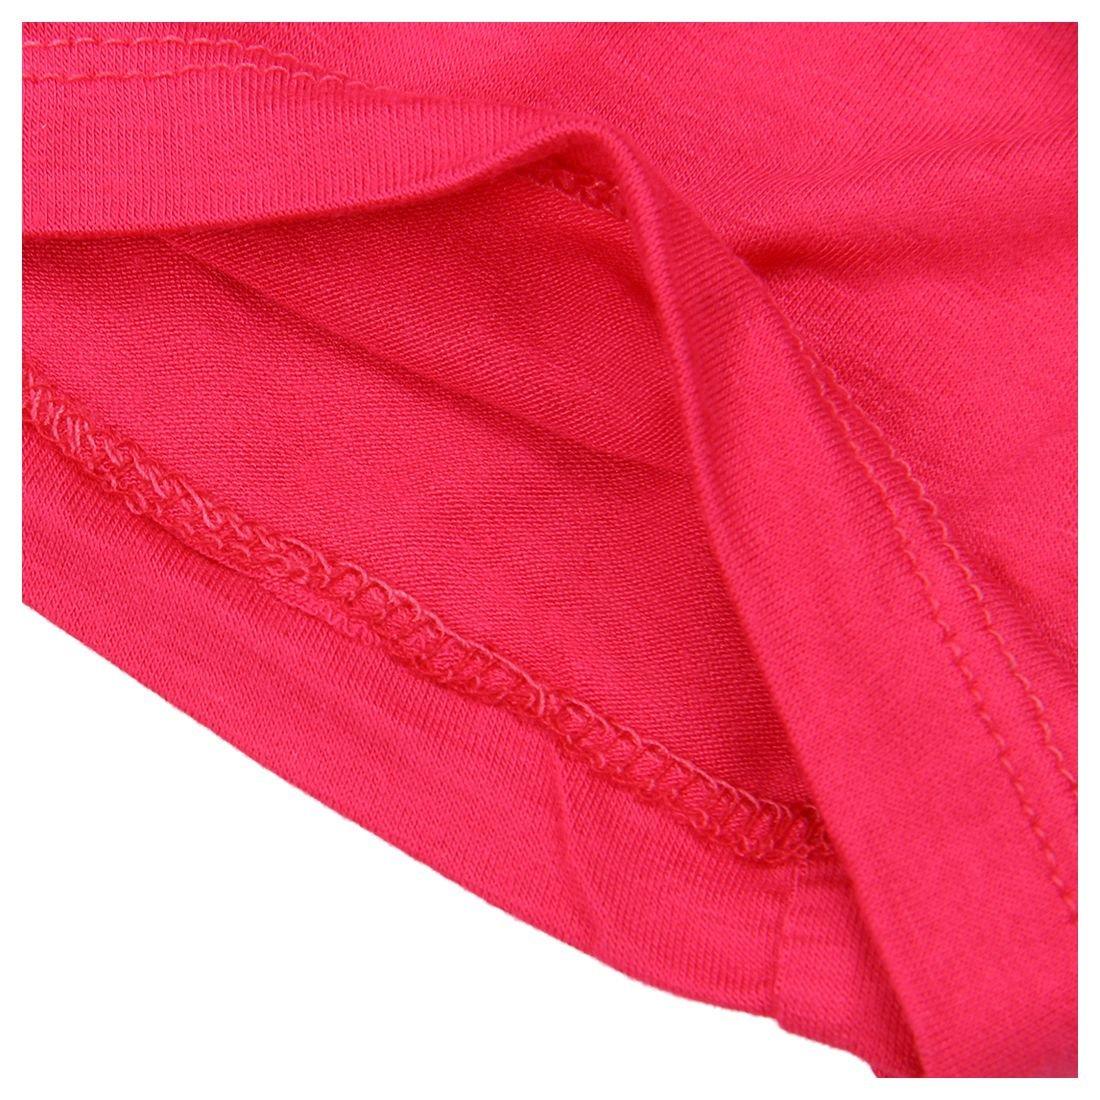 SODIAL (R ) Pantalon de Yoga Modal Ropa de Entrenamiento de Gimnasio Danza  Correr Ropa ... 5dd473cc2a64